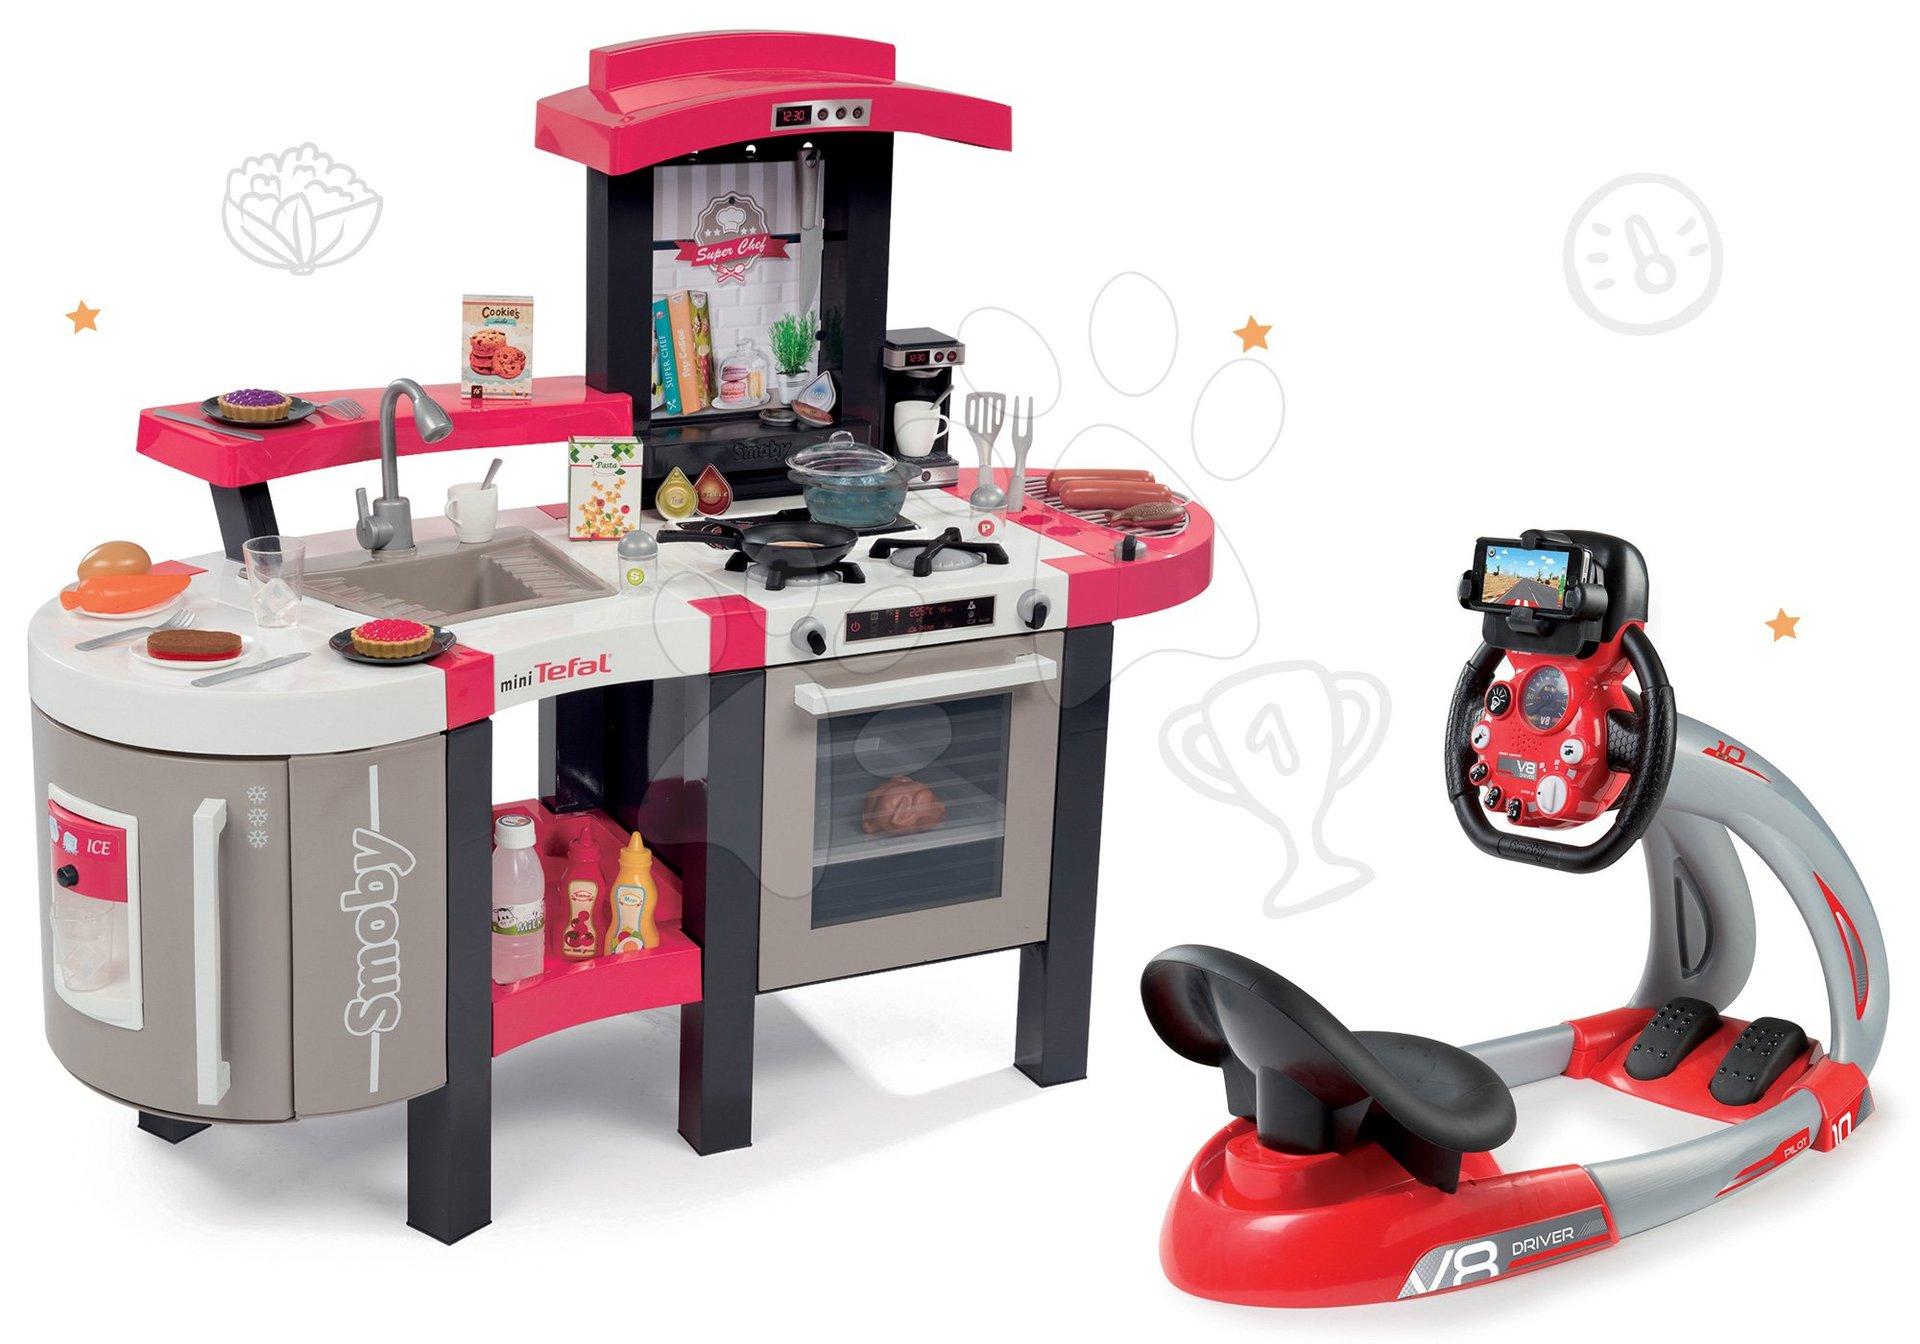 Kuchynky pre deti sety - Set kuchynka Tefal SuperChef Smoby s grilom a kávovarom a elektronický trenažér Autá Ice V8 Driver